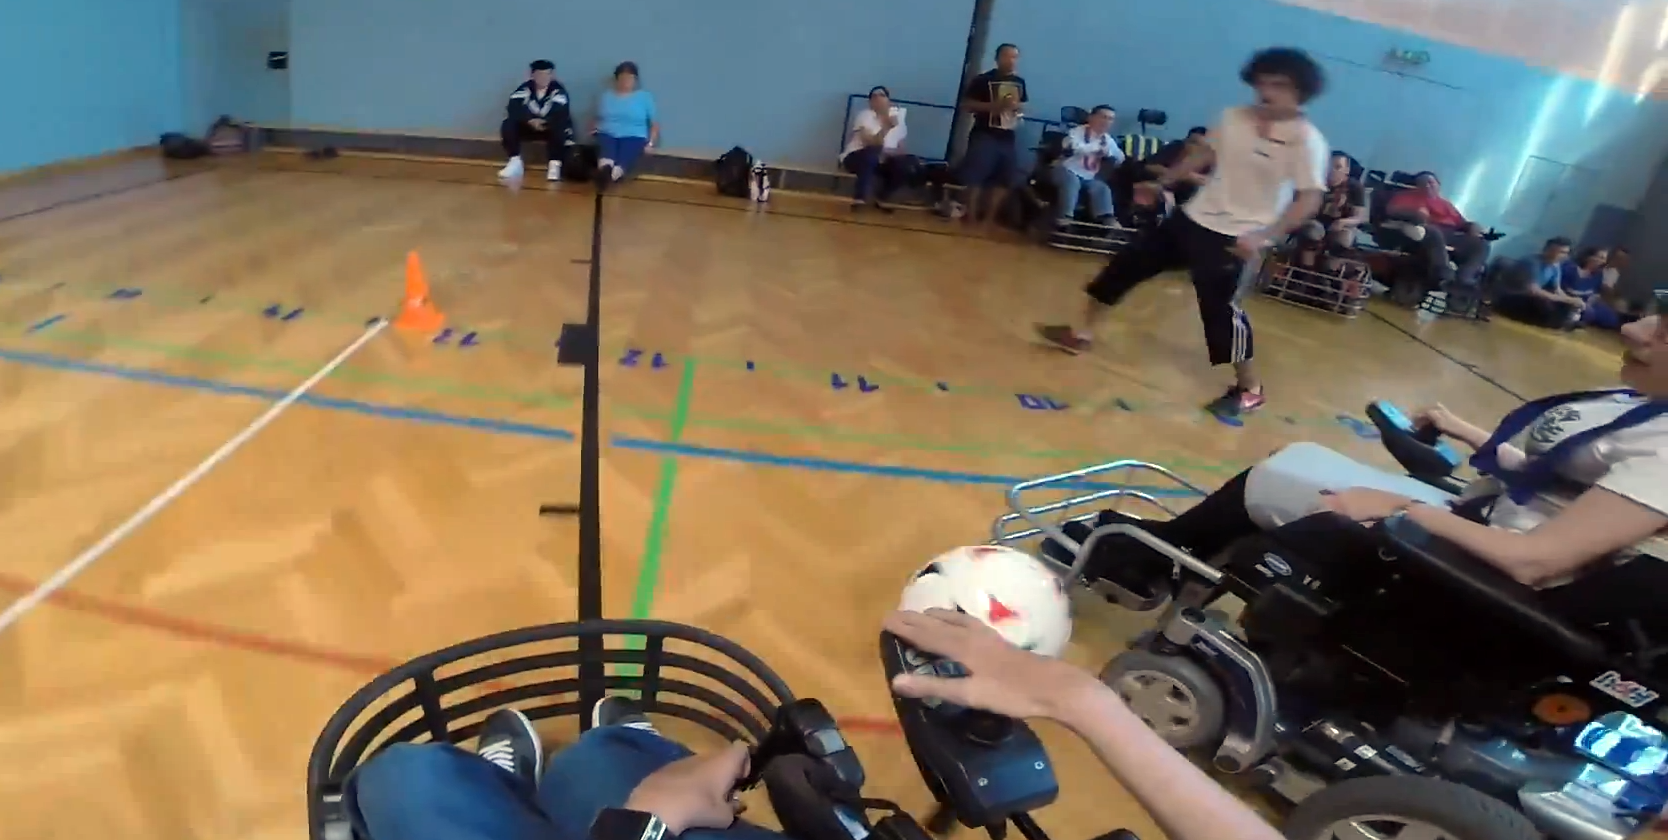 Spielszenen gefilmt mit einer GoPro